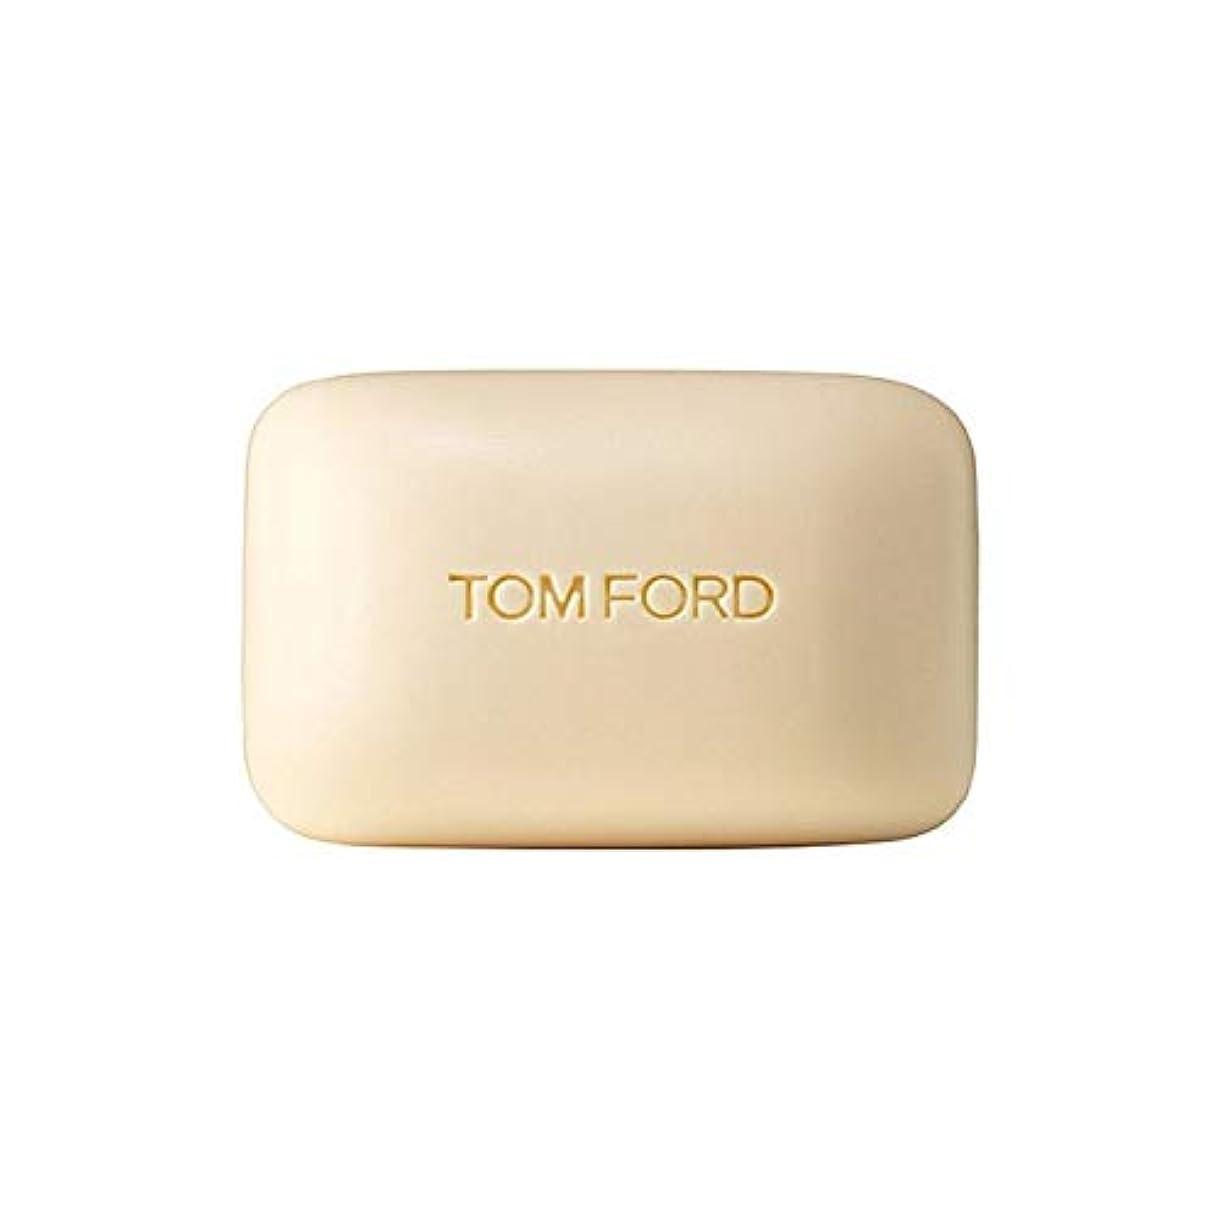 再編成する伝統トラフィック[Tom Ford] トムフォードジャスミンルージュソープバー150グラム - Tom Ford Jasmin Rouge Soap Bar 150G [並行輸入品]